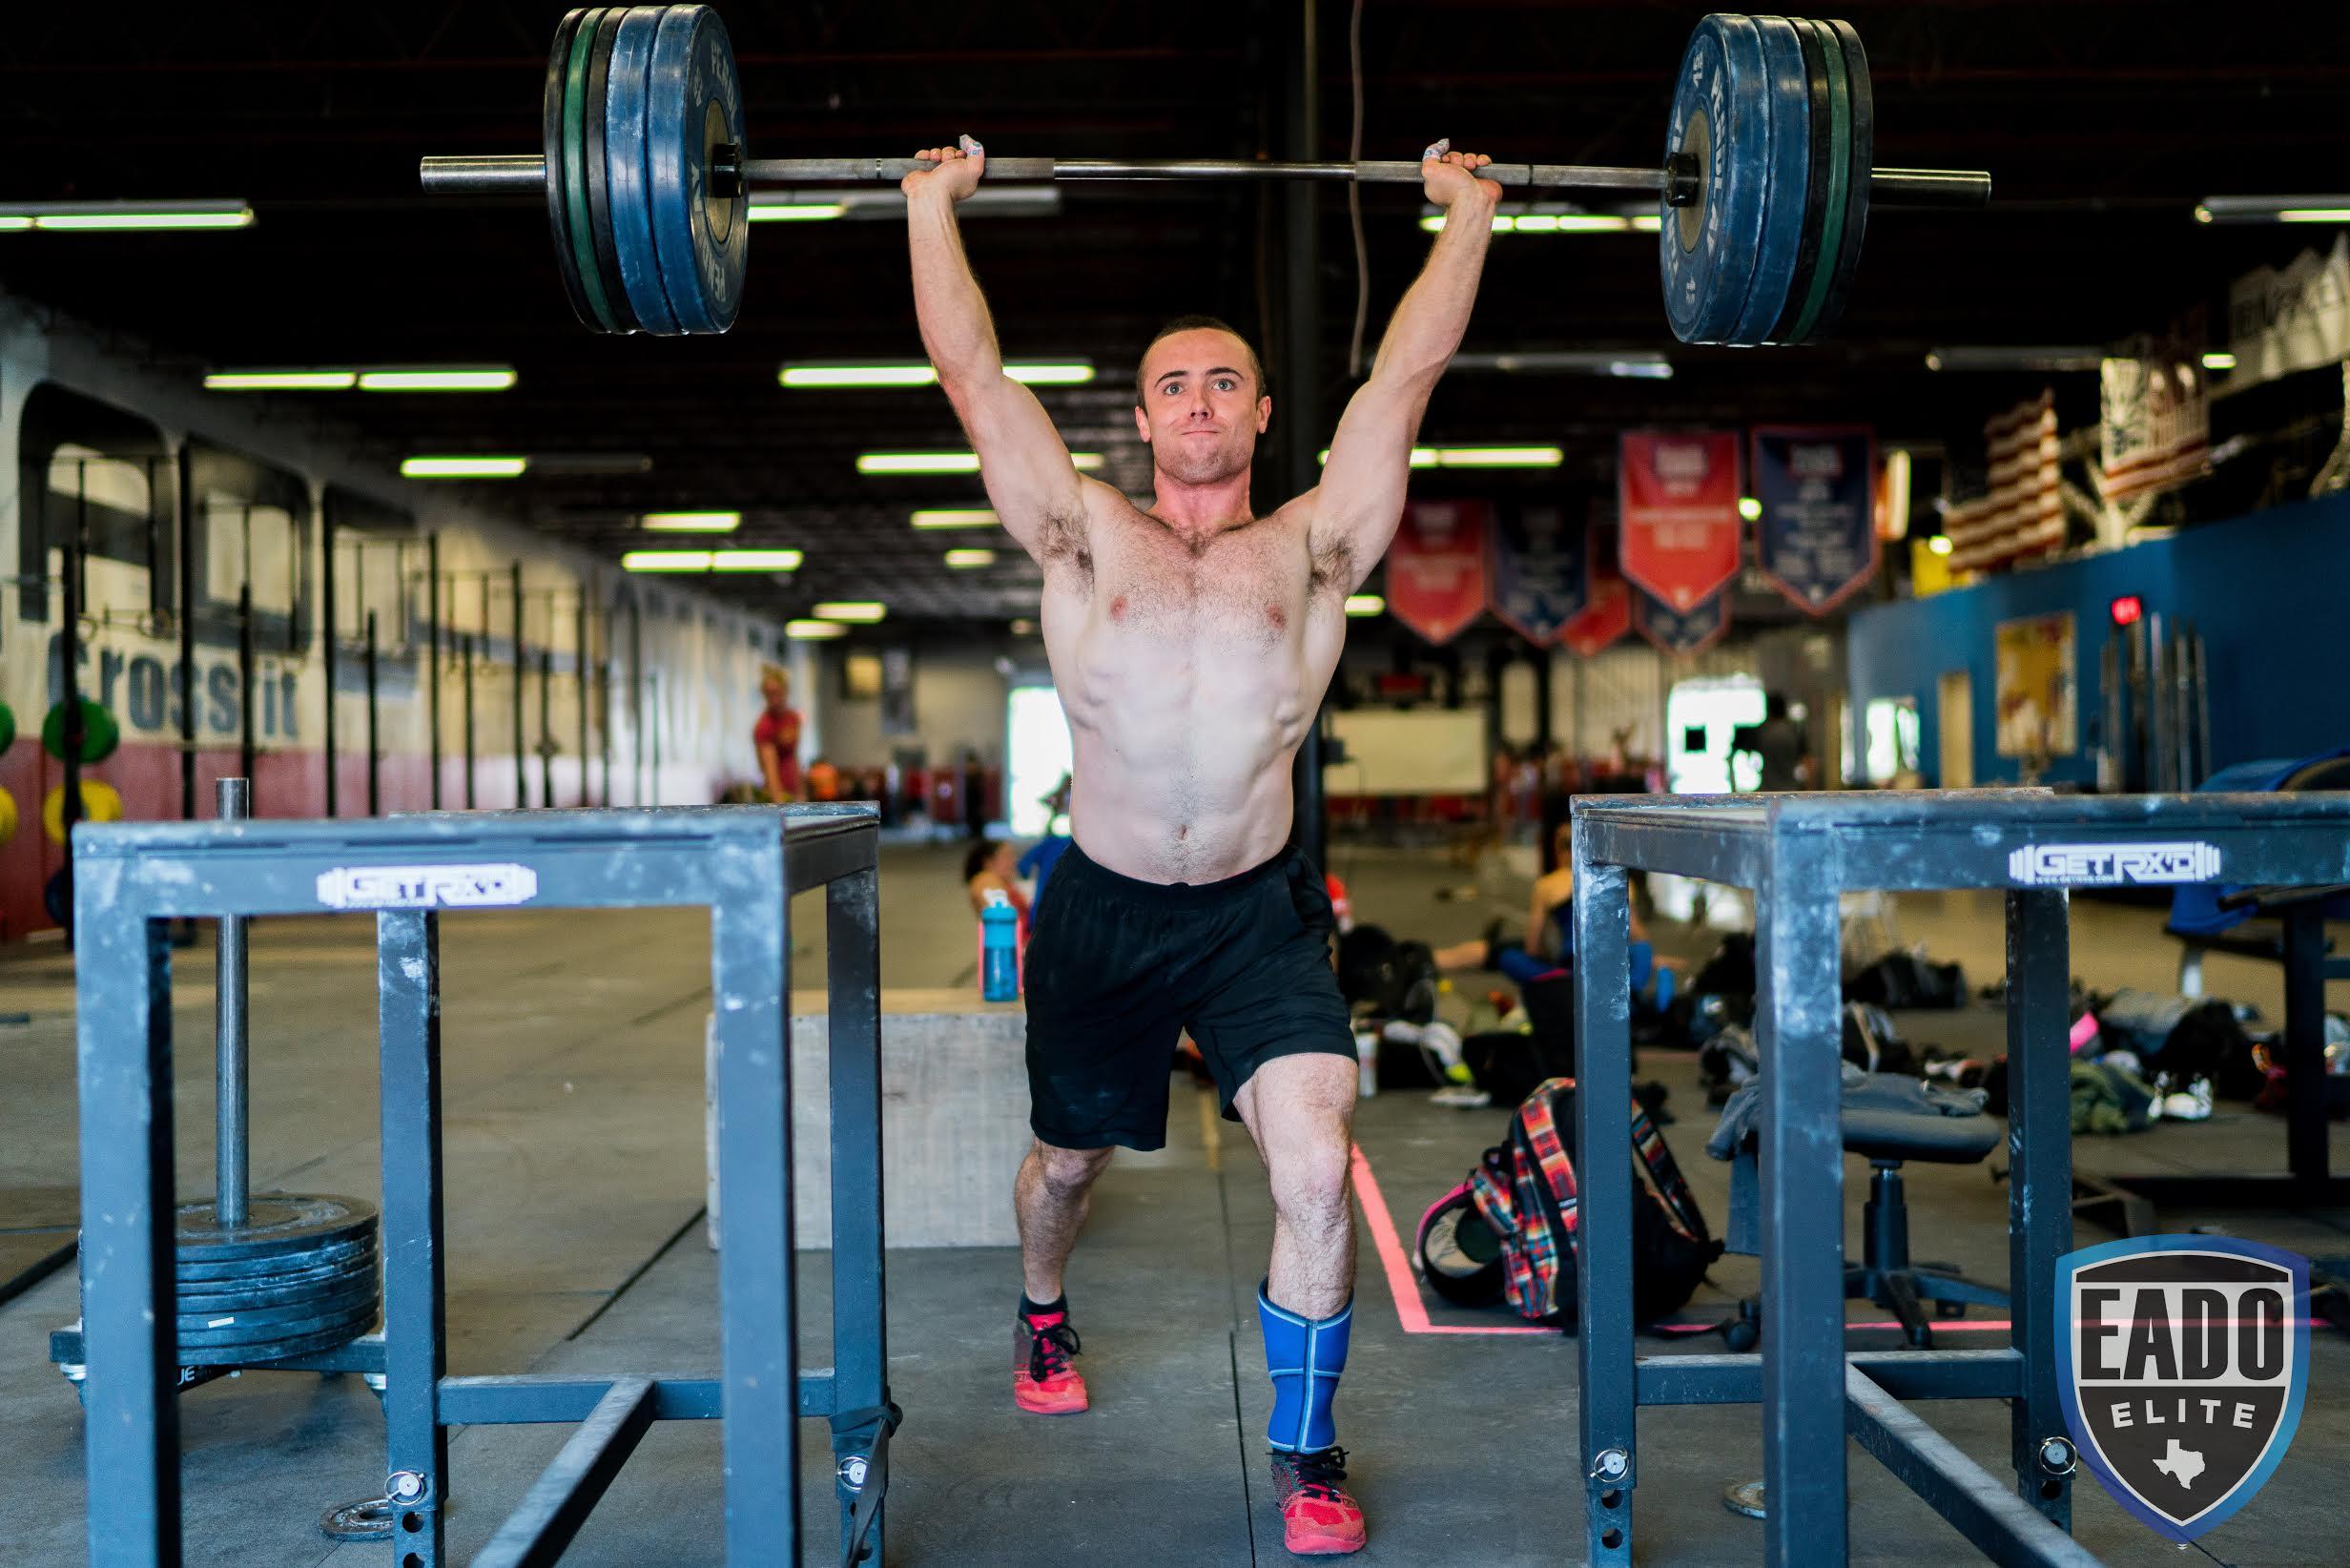 EaDo Elite Athlete Kevin McEnery  photo credit: Sierra Prime